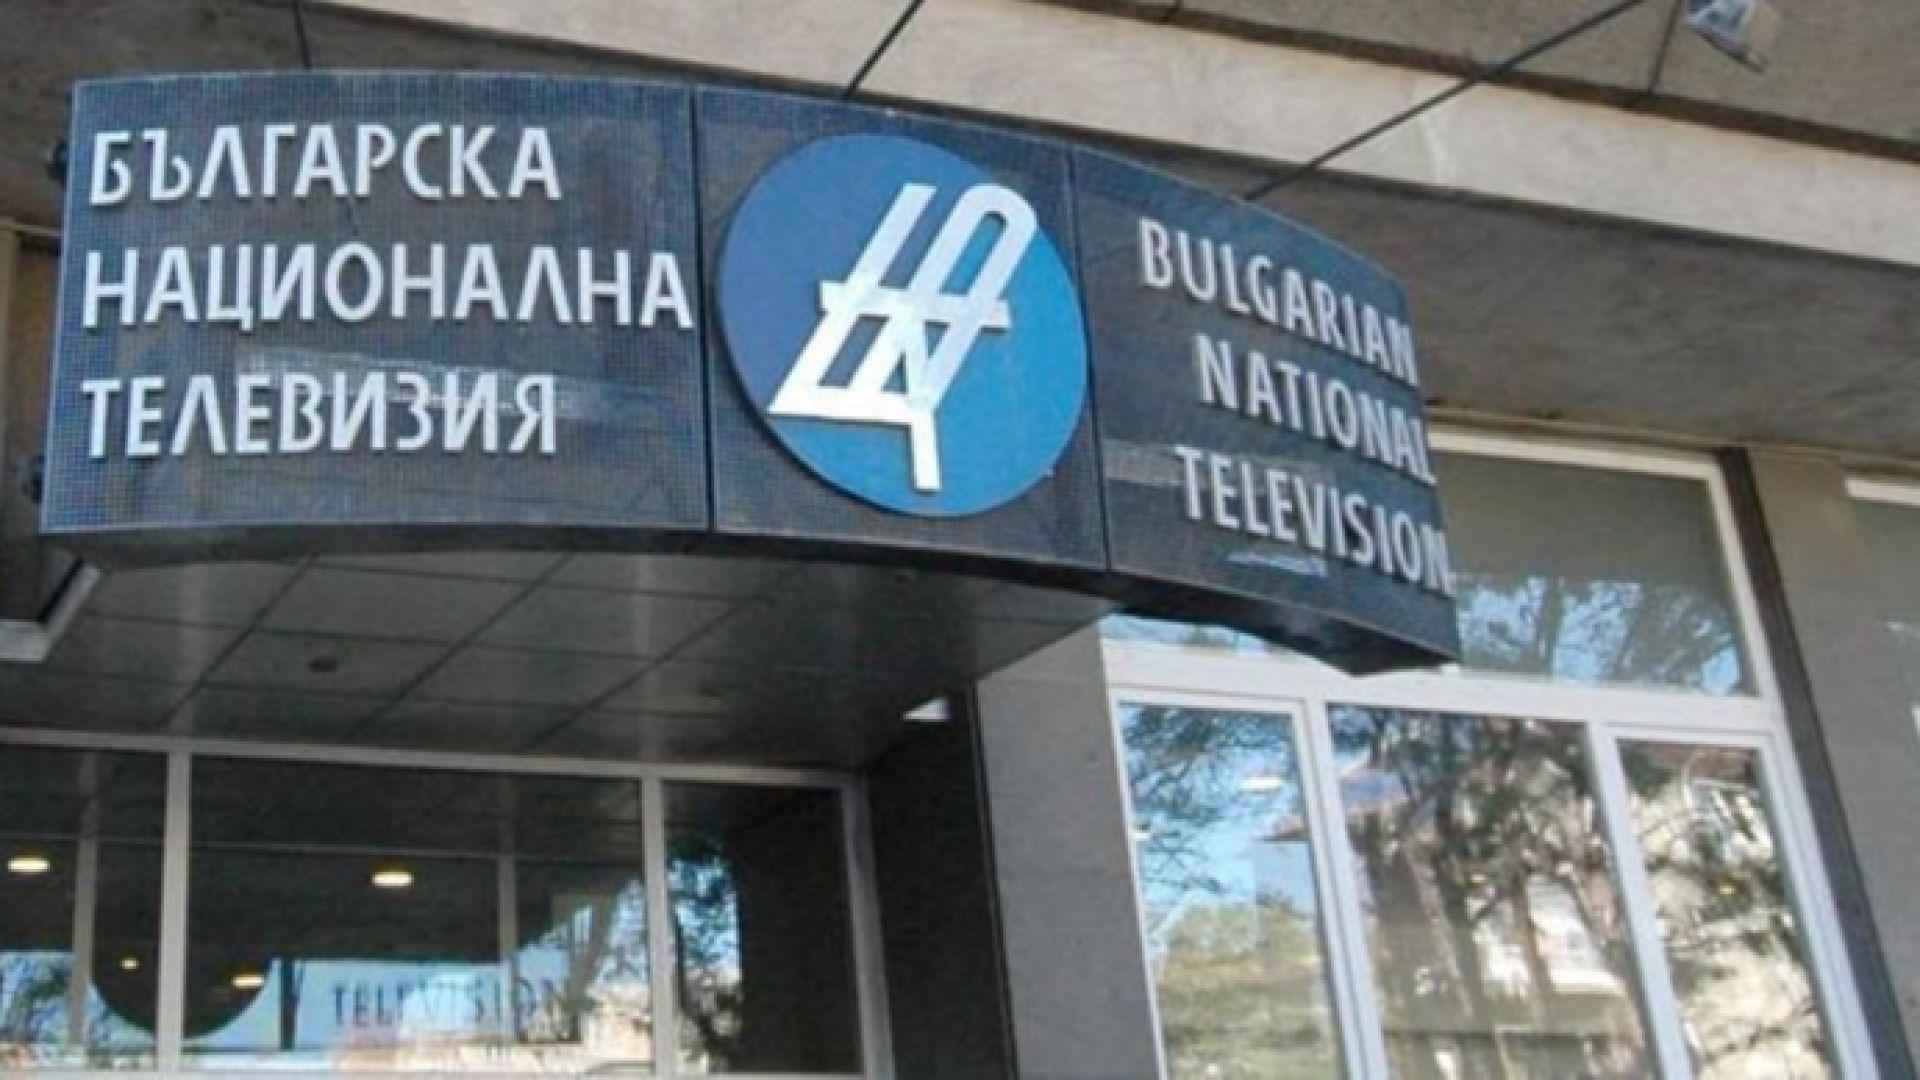 БНТ реши официално: Сидеров няма да бъде допускан, докато не се извини писмено